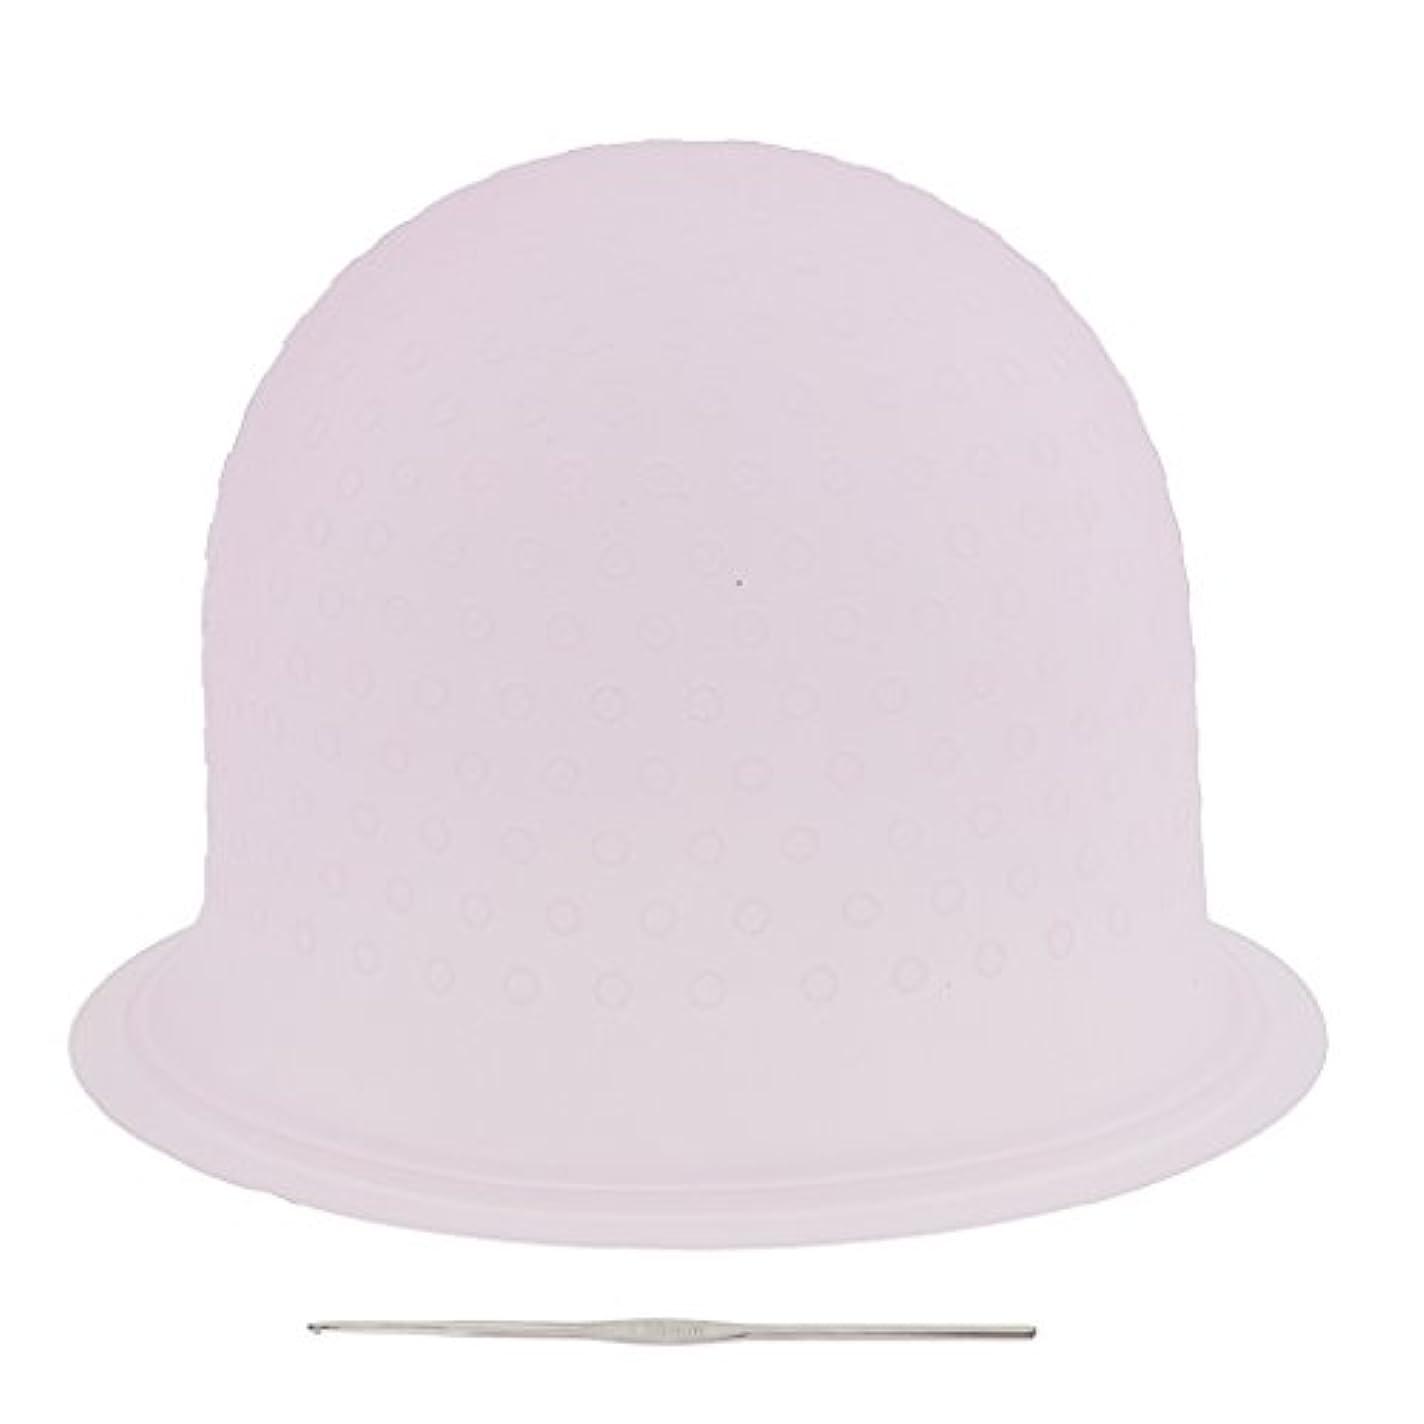 原点塗抹画面SONONIA 再利用可能 省エネ サロン ハイライト 髪染め工具 染めツール メタルフック付き 2色選べ - ピンク, 23.3×8.5cm